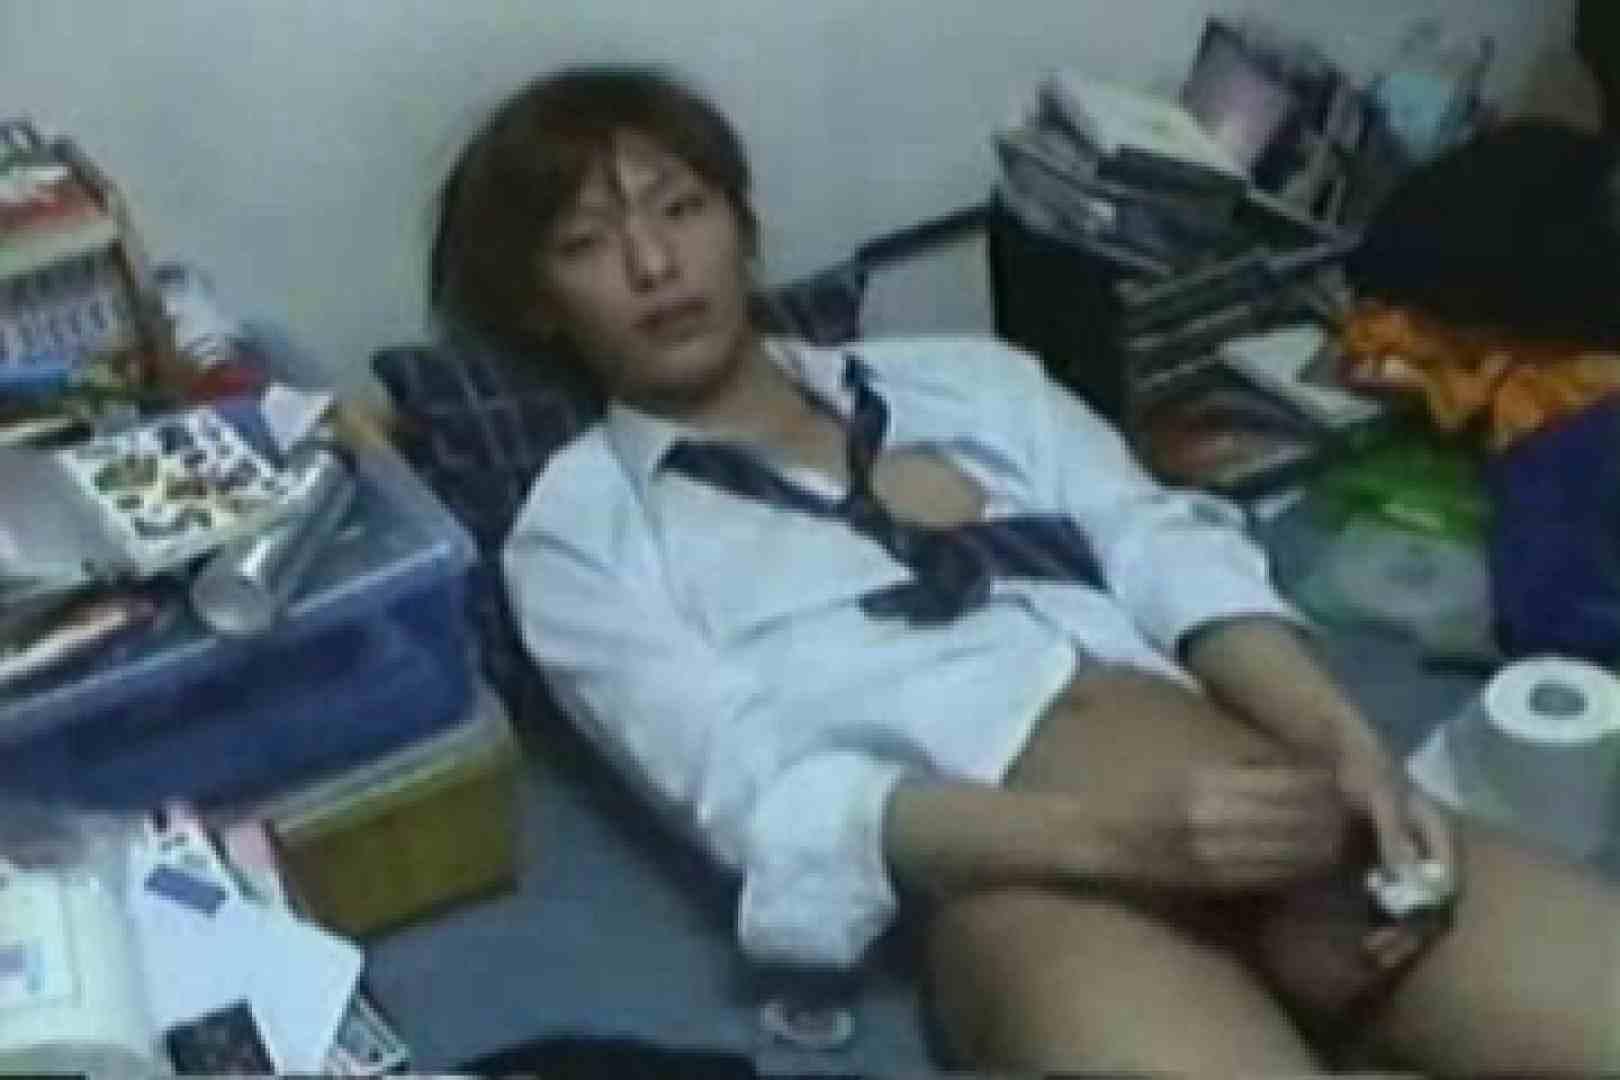 【流出】知られざる僕の秘密…vol.05 男・男 ゲイAV画像 88pic 5